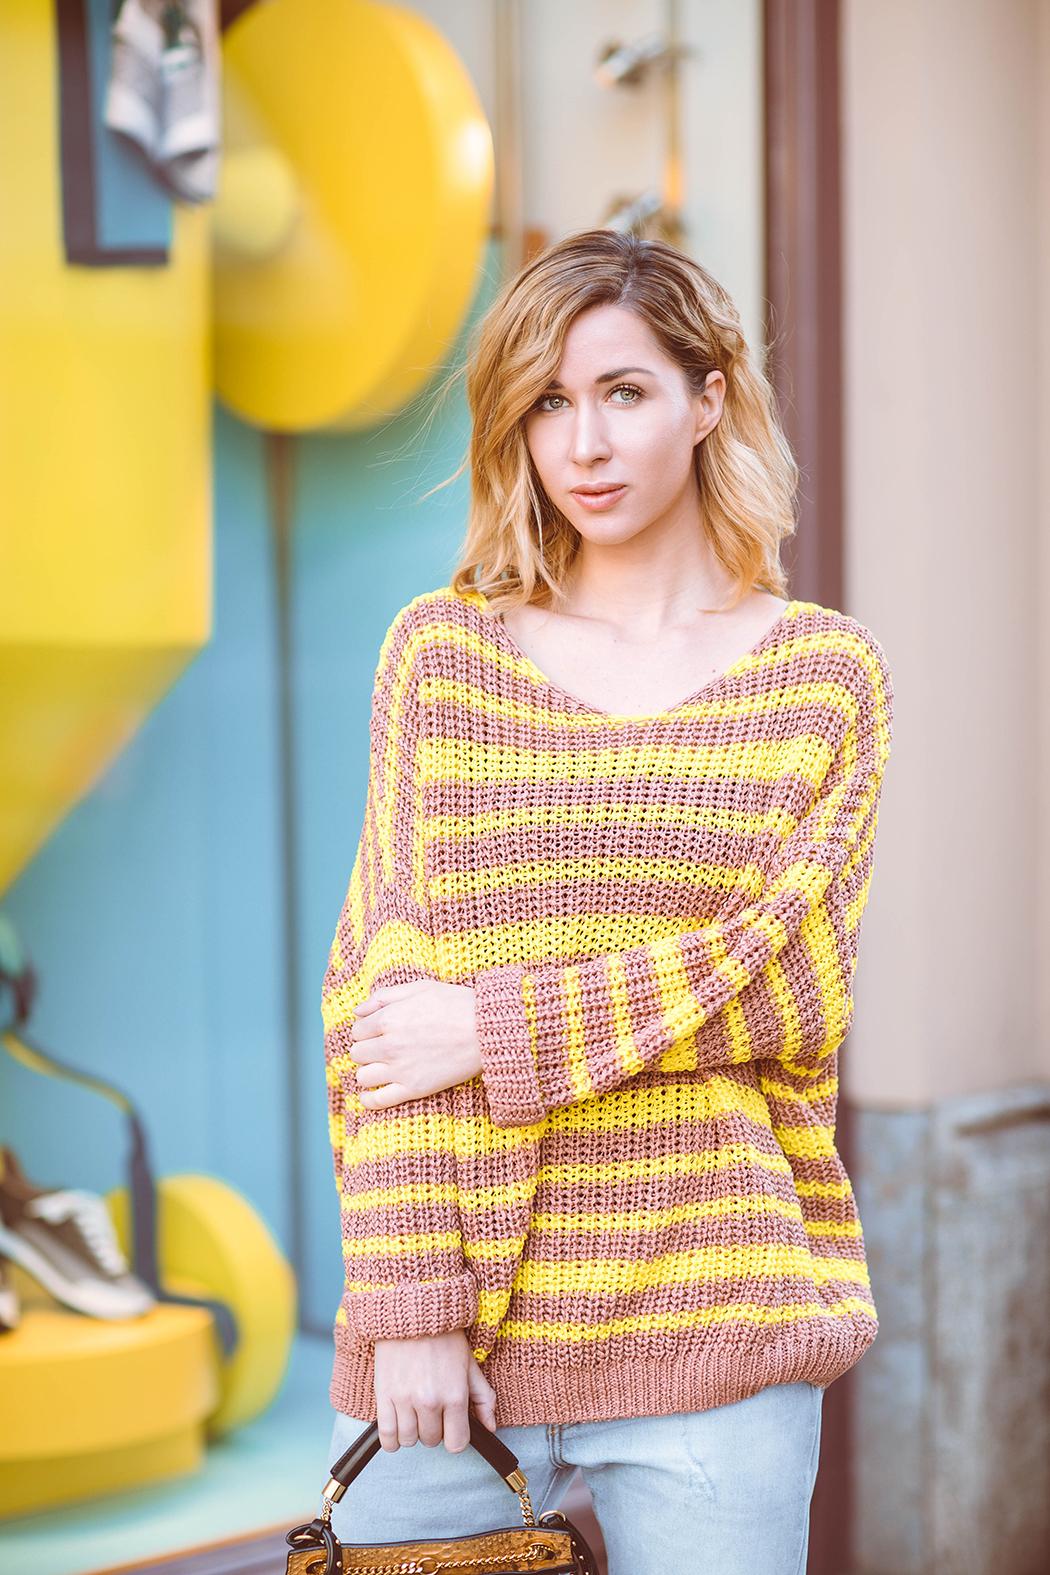 Fashionblog-Fashionblogger-Fashion-Blog-Blogger-Muenchen-Deutschland-American-Vintage-gelb-Lindarella-4-web